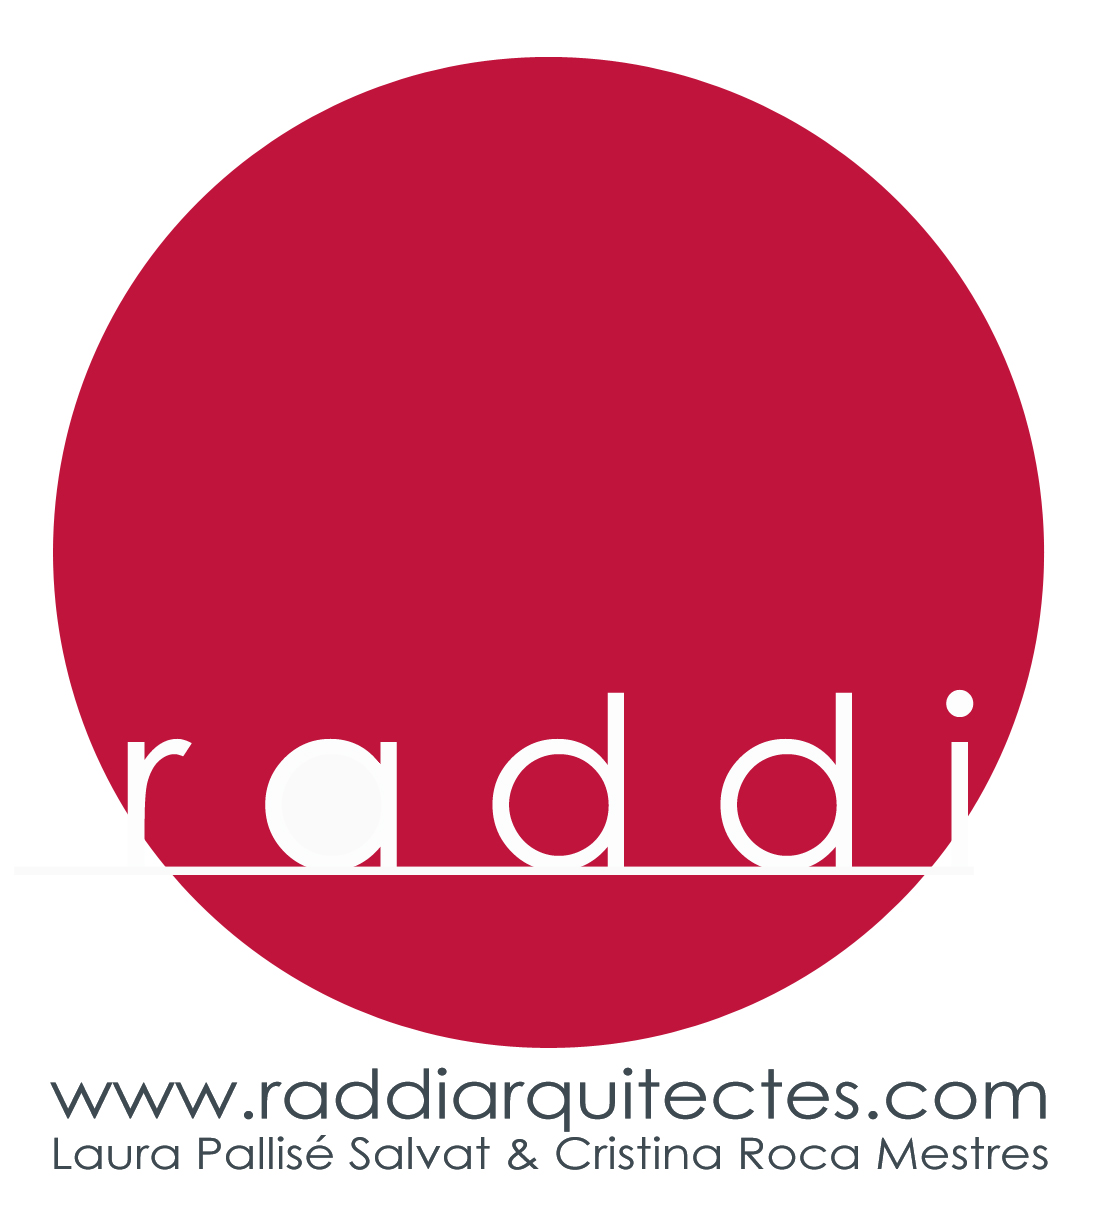 Raddiarquitectes Barcelona